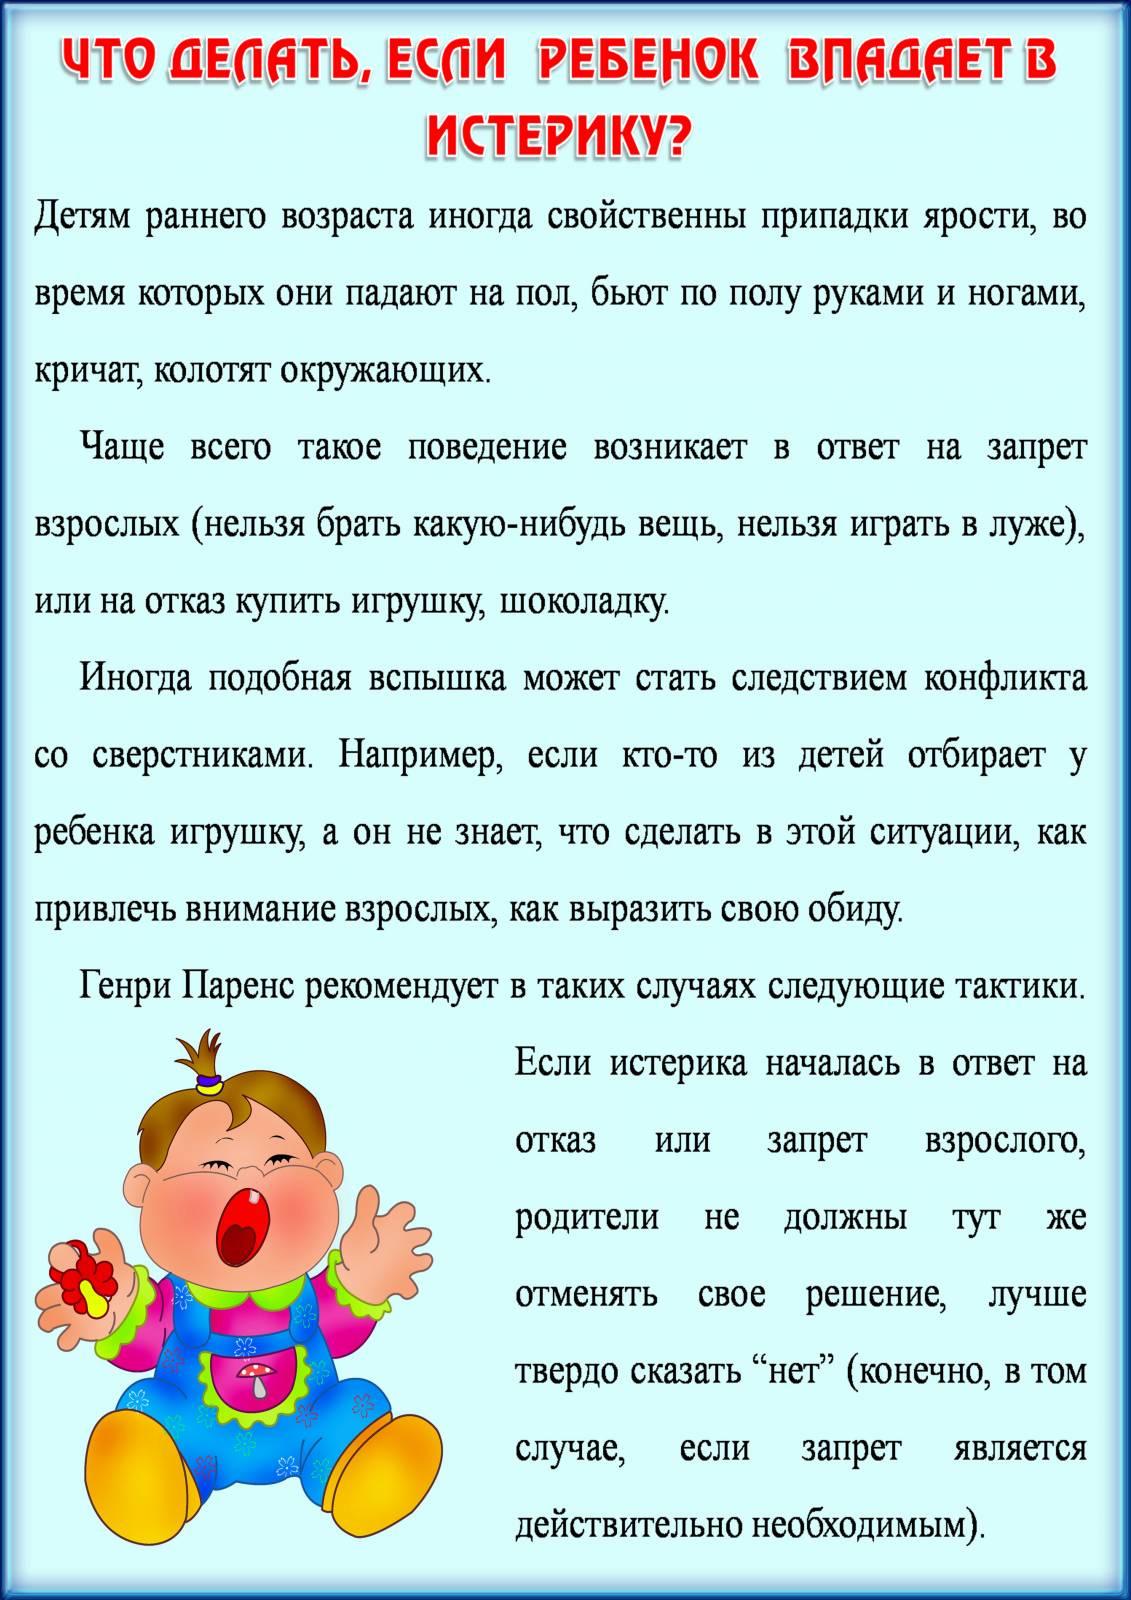 Ребенок 2 лет не разговаривает, в чем причина? как научить ребенка говорить в 2 года